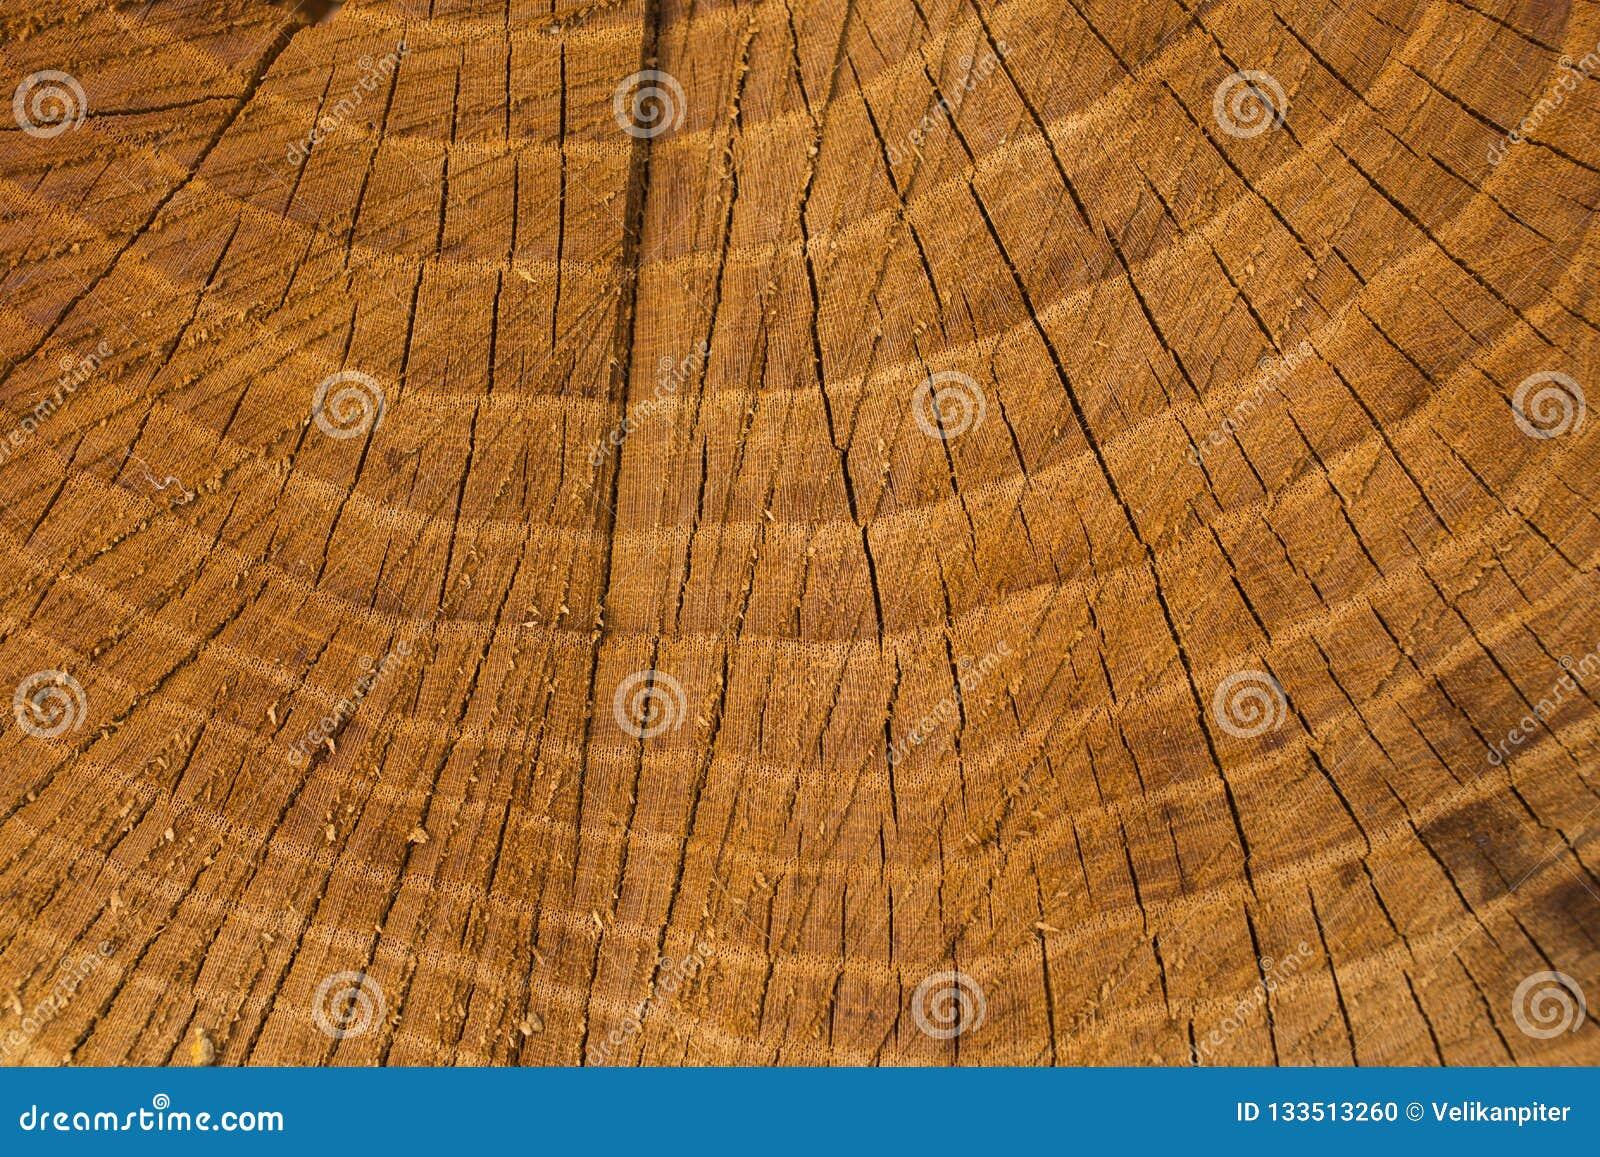 La mort d un vieil arbre La texture de l arbre dans le tronçon